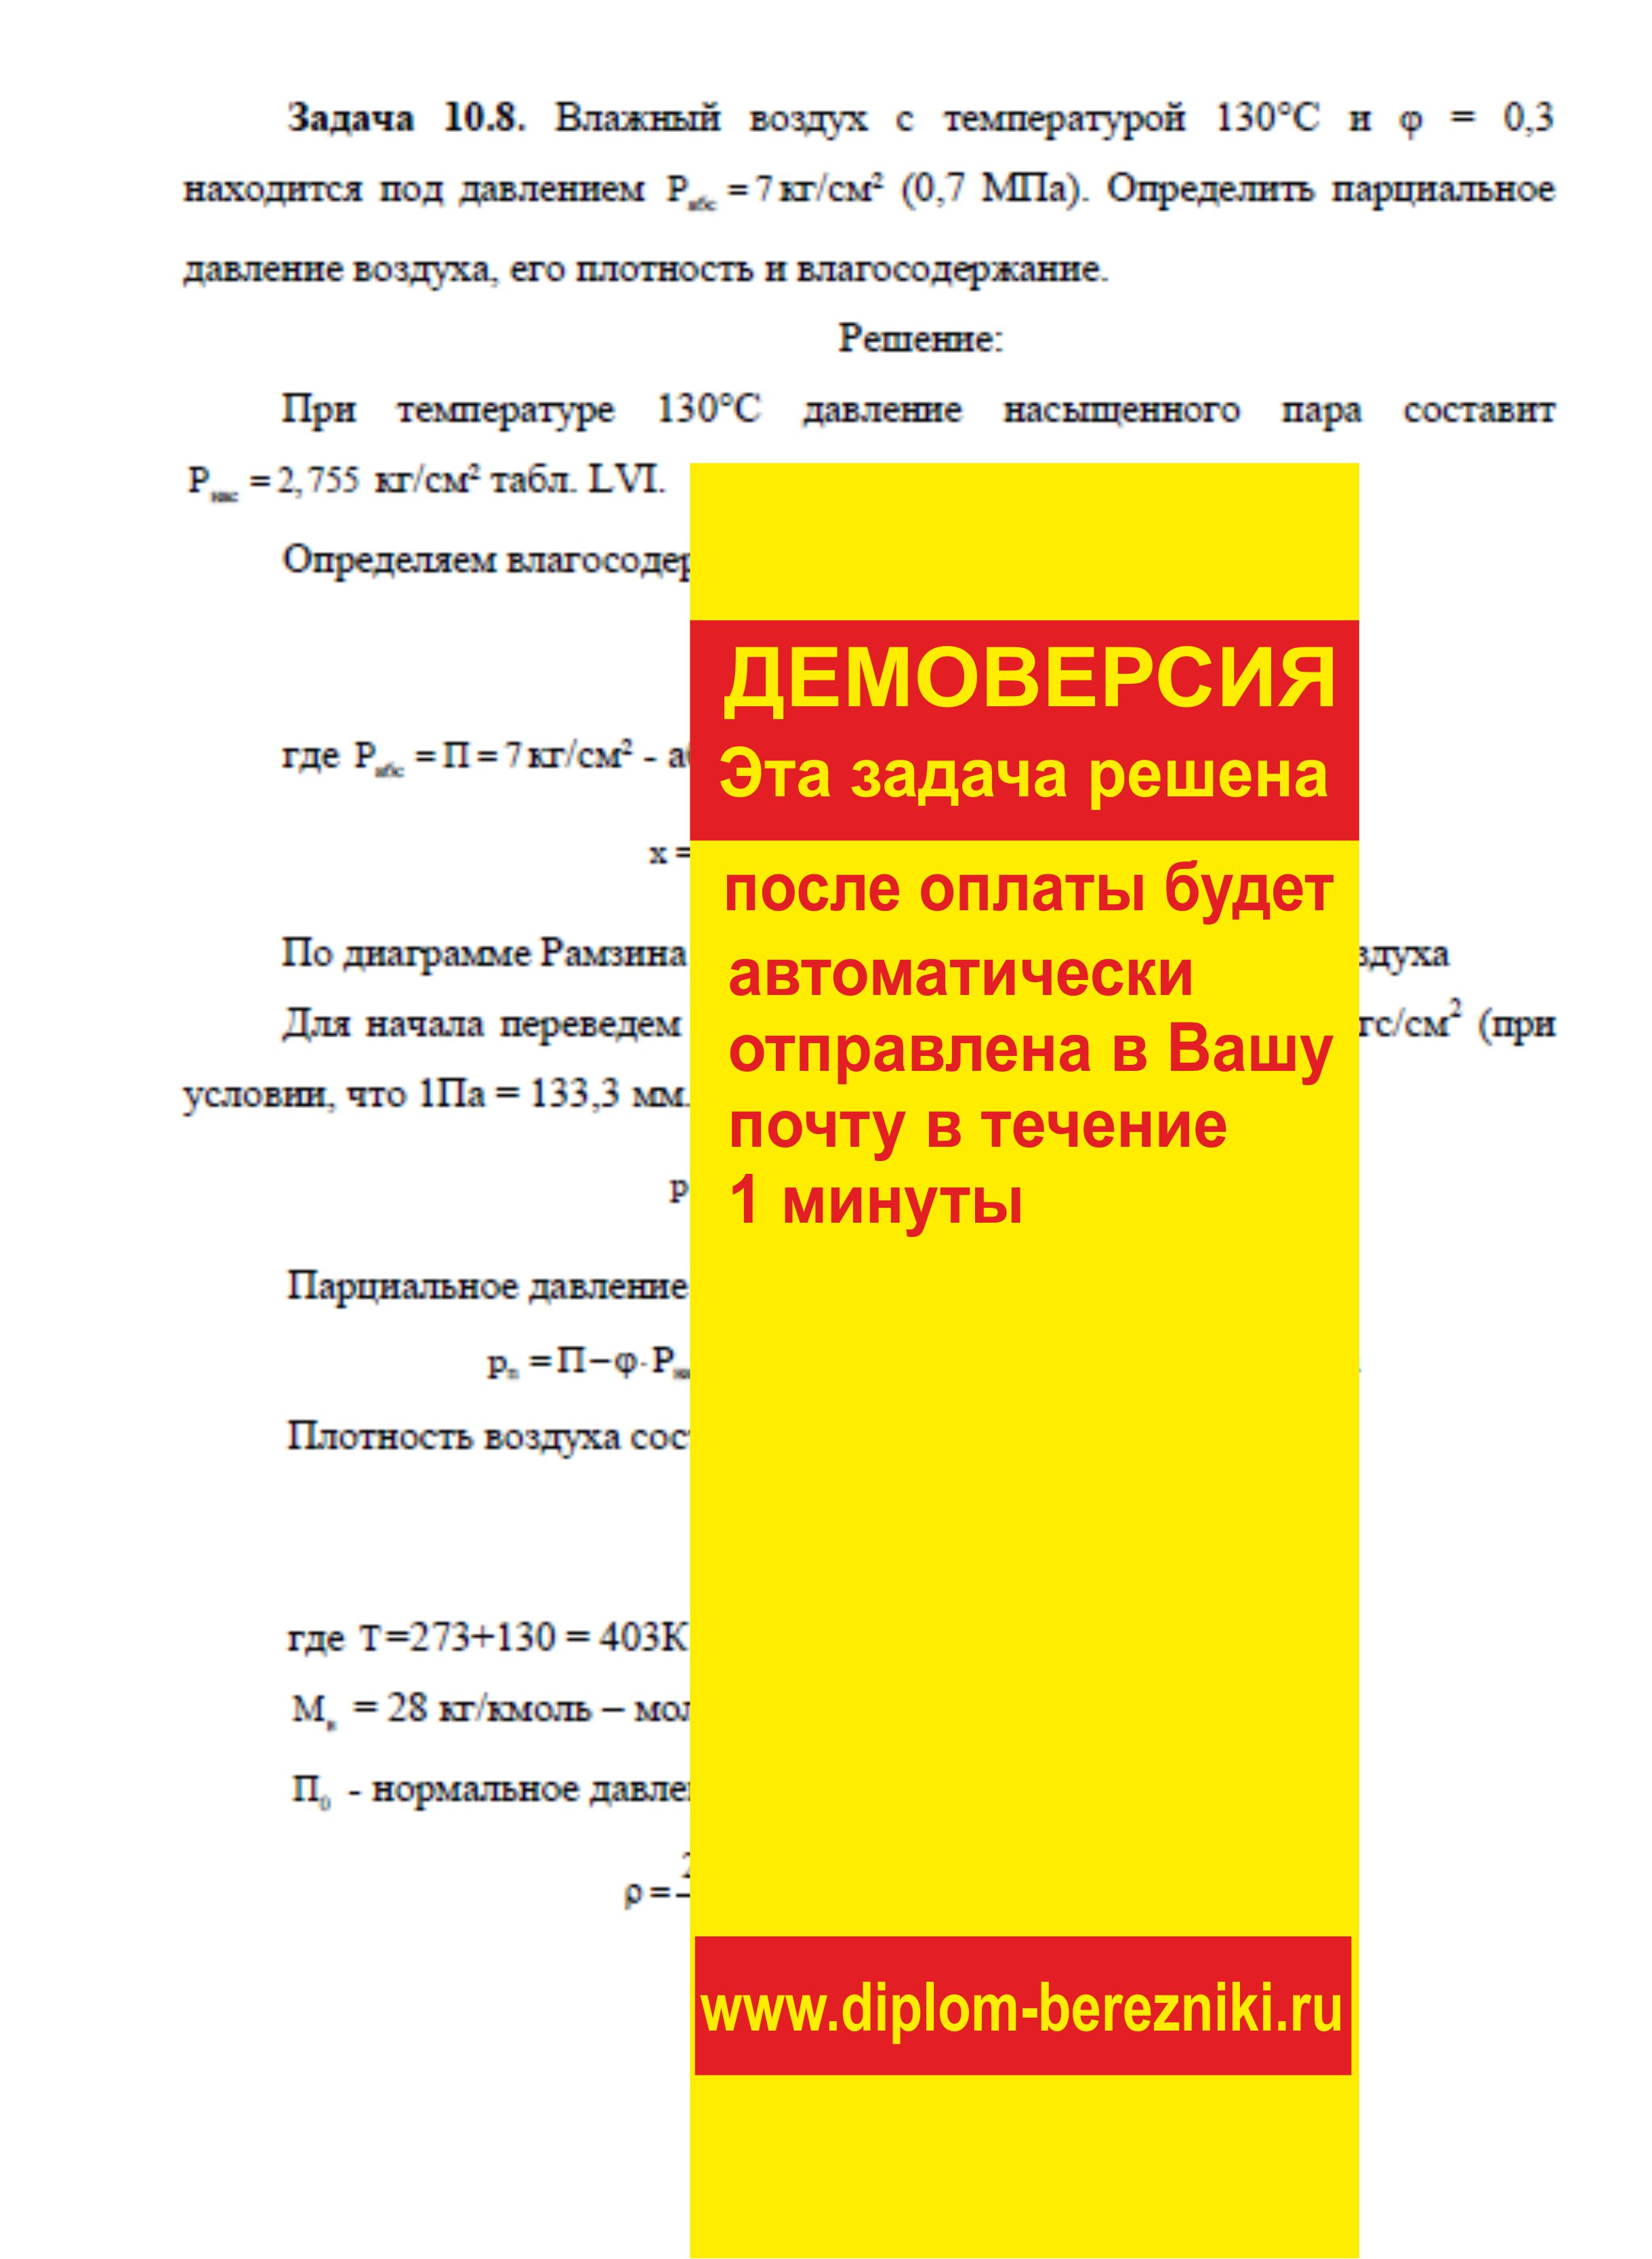 Решение задачи 10.8 по ПАХТ из задачника Павлова Романкова Носкова